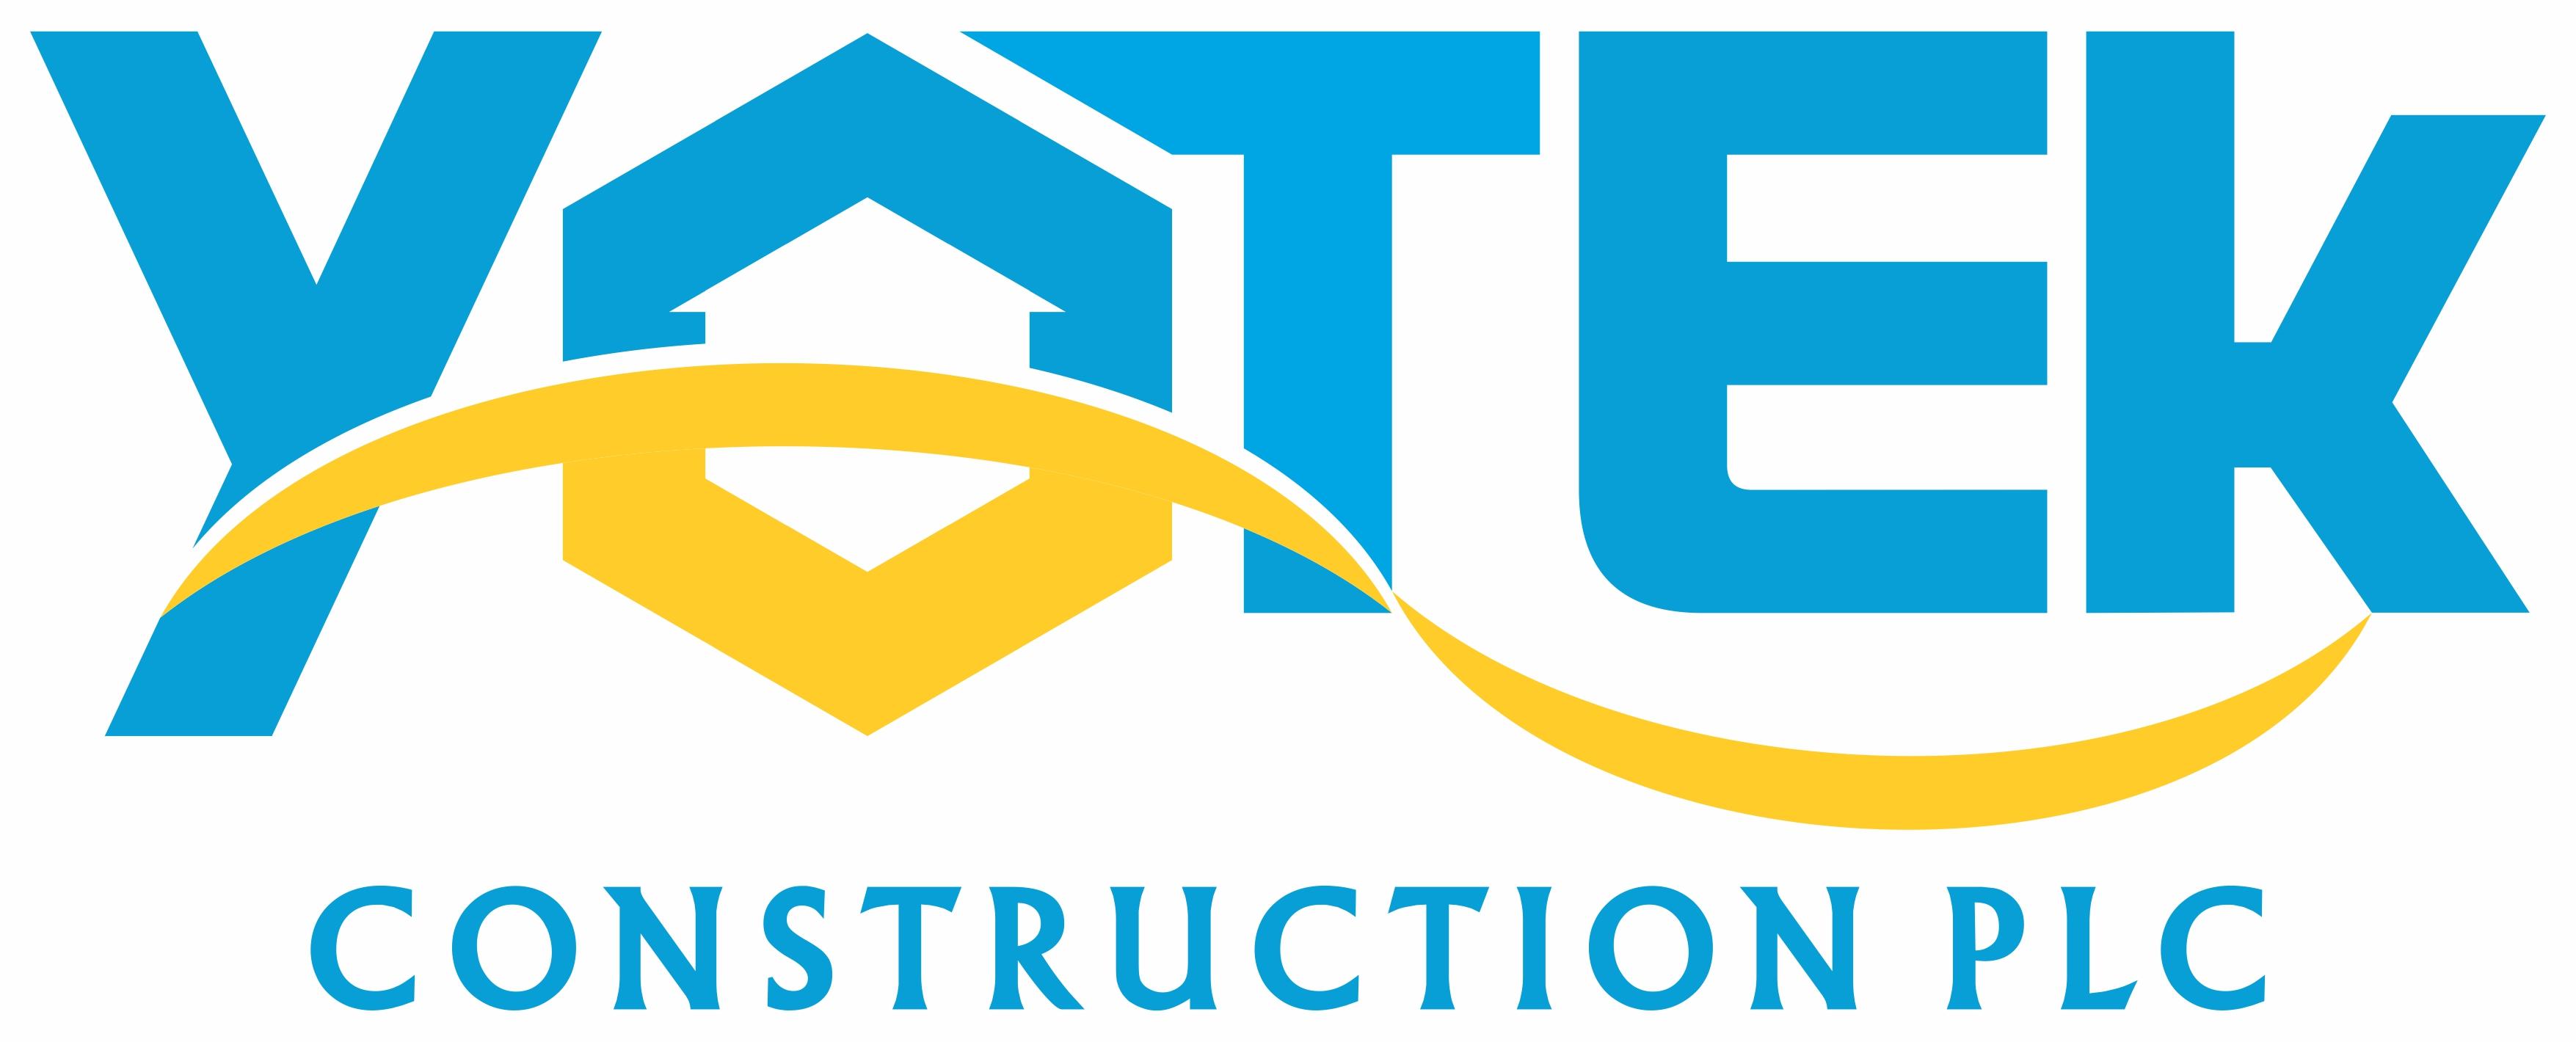 YOTEK Construction plc - Addis Ababa, Ethiopia